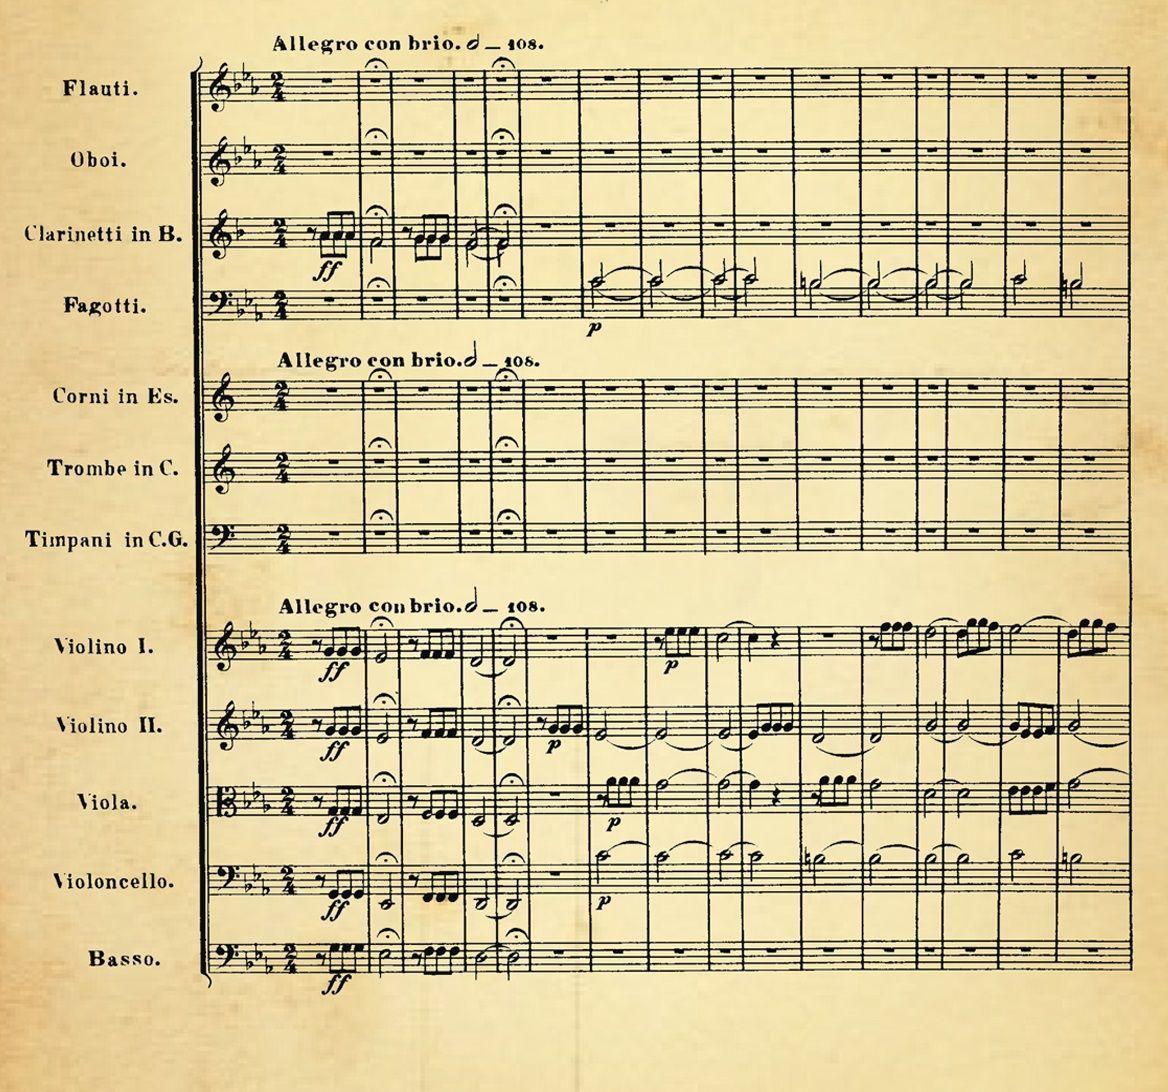 ¿Qué famosa sinfonía de Beethoven empieza con estas notas?